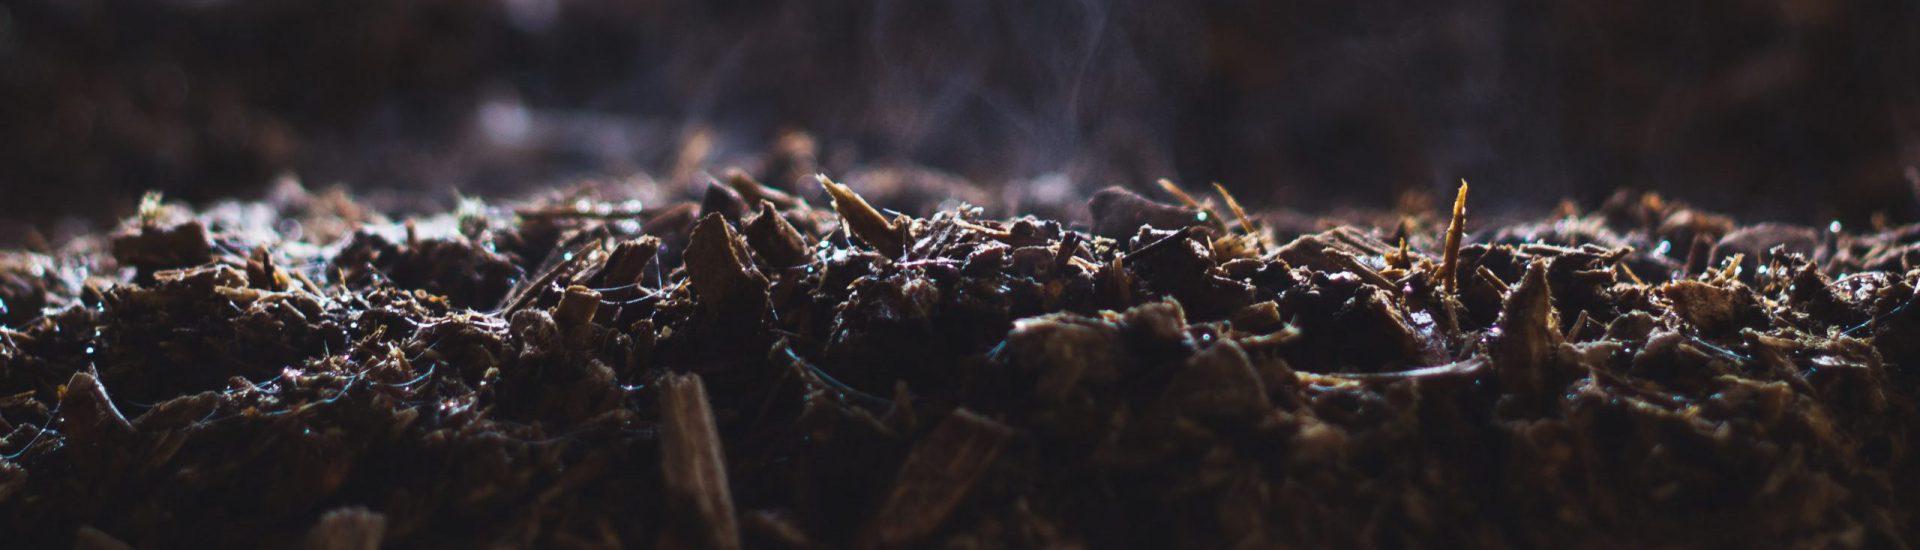 Detailfoto van houtsnippers